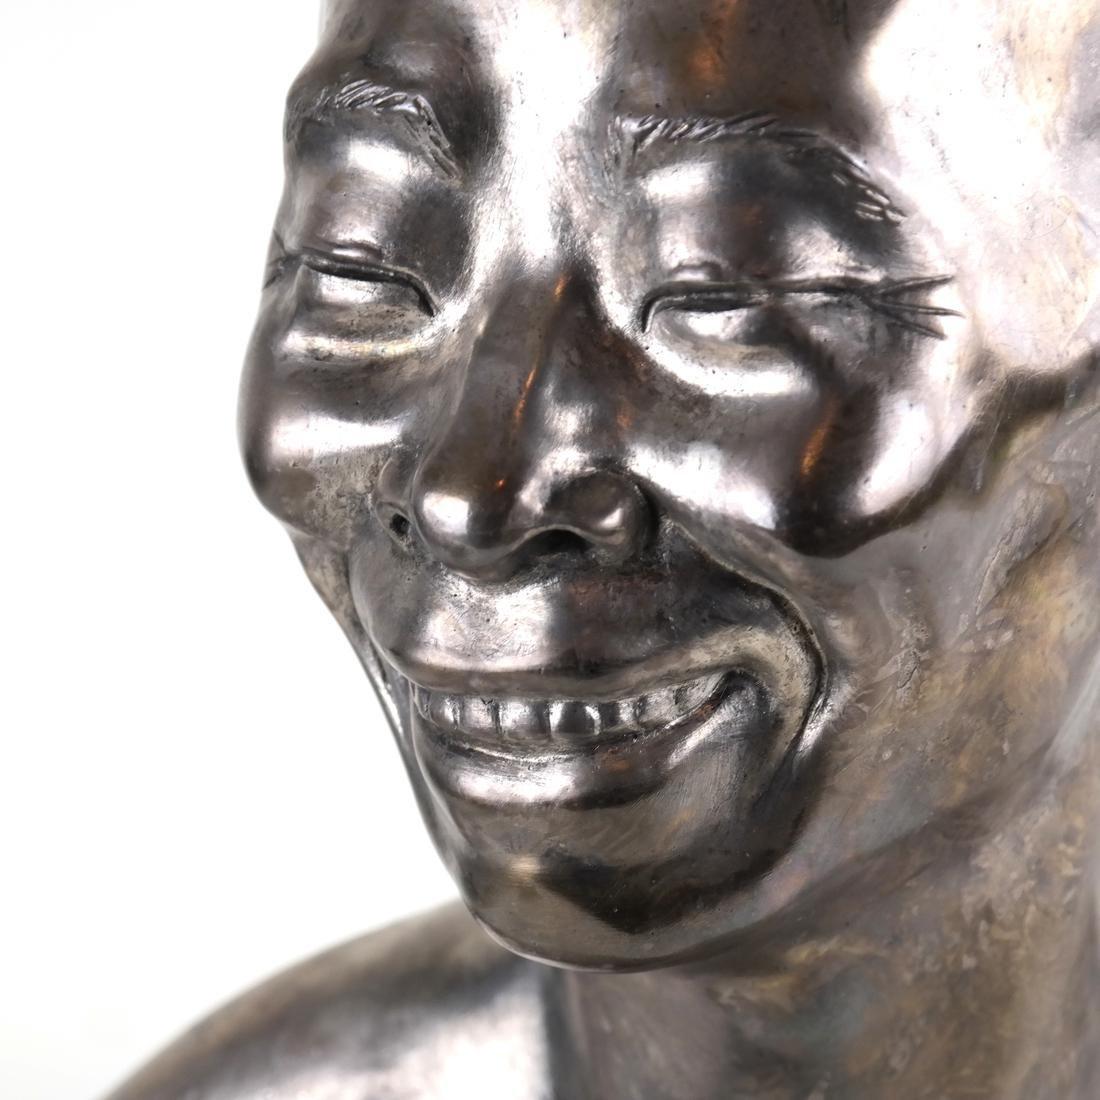 Chih-Fan Bronze Sculpture by Jean Mich - 6